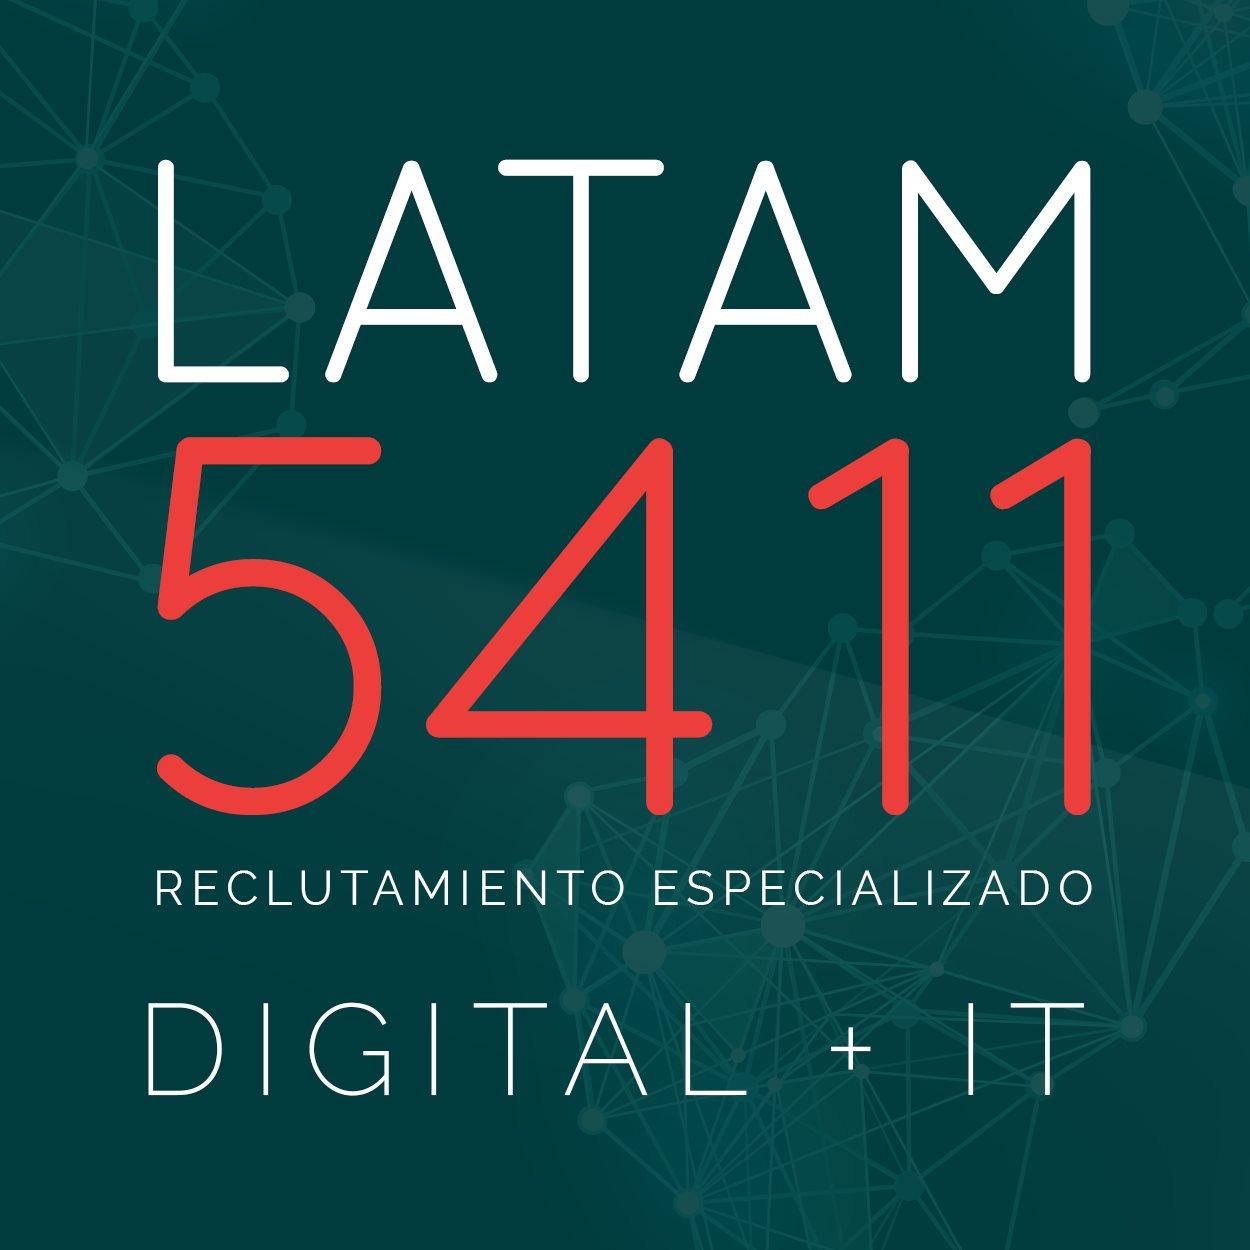 Latam 5411